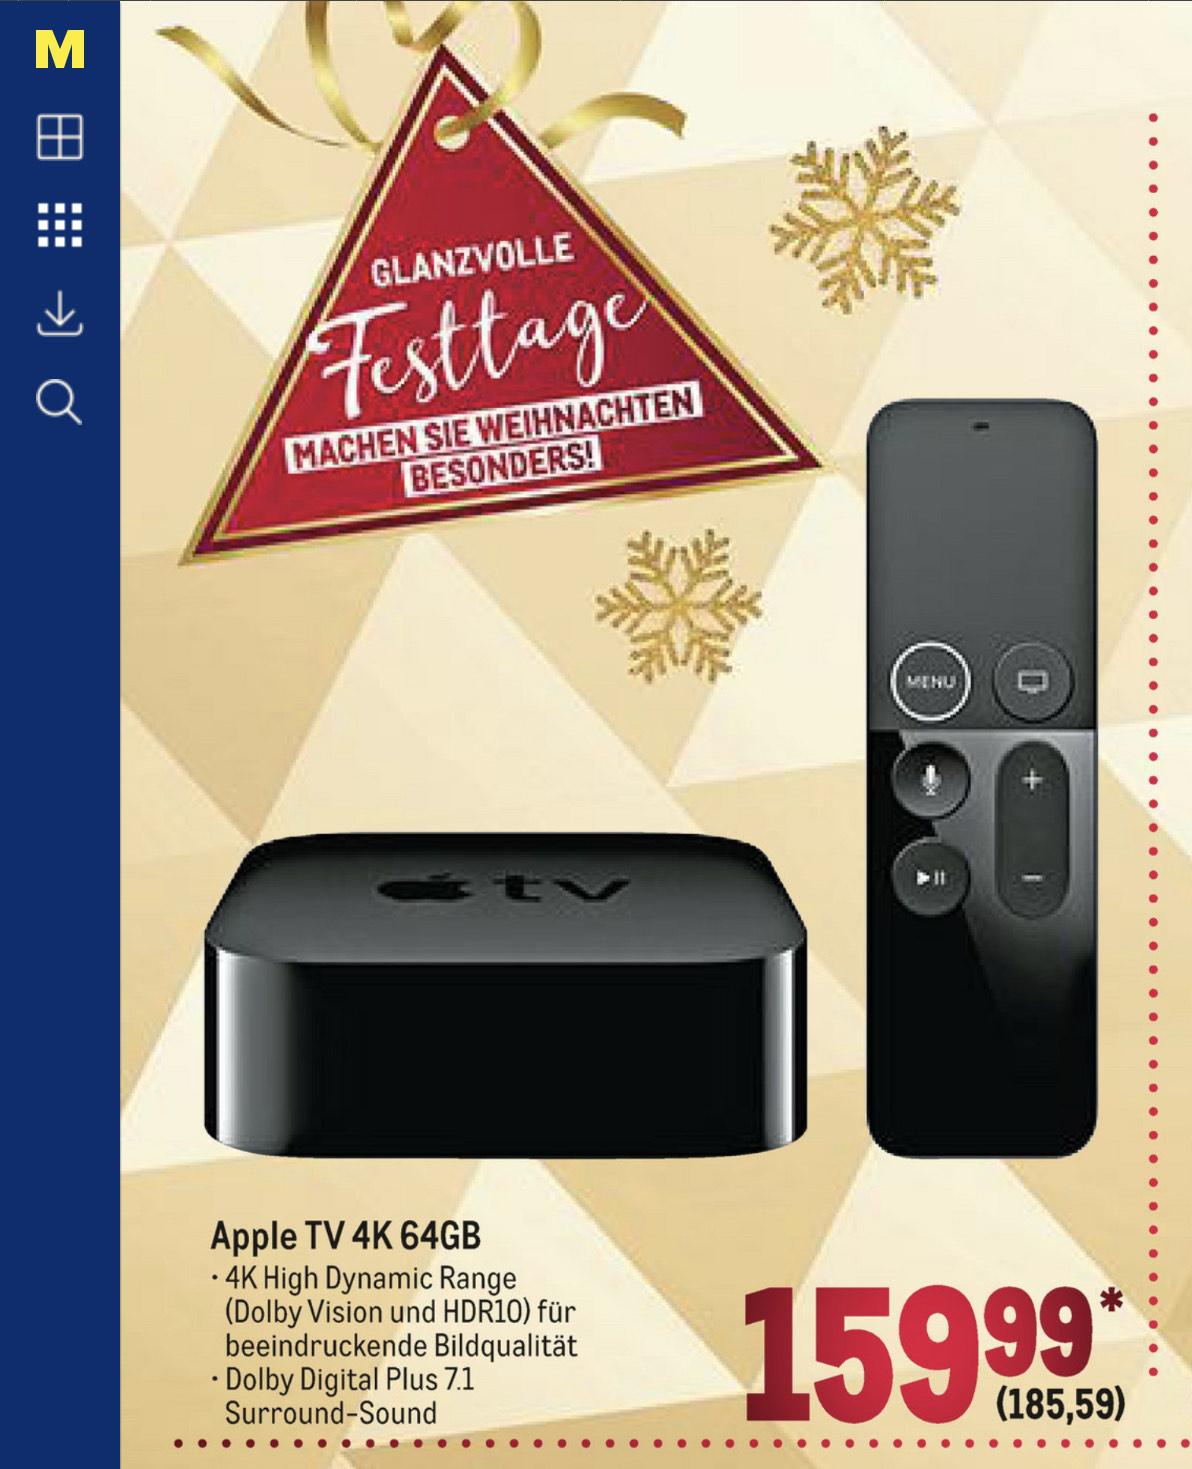 Apple TV 4K 64GB bei der Metro ab 10.12.2020 für 185,59€